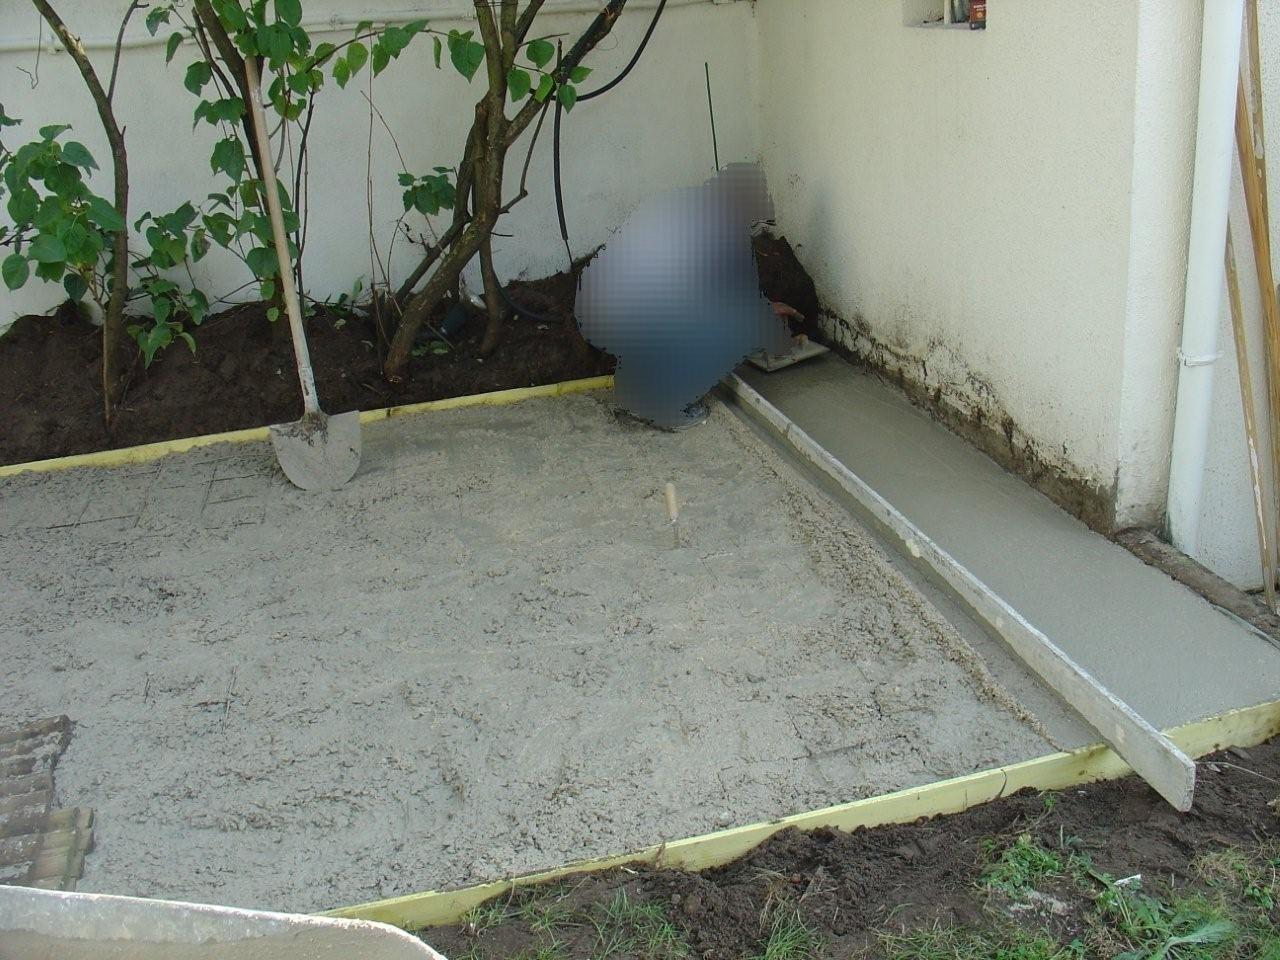 travaux-amenagement-jardin-4-decaissement-graviers-ferraillage -coulage-d'une-dalle-en-beton-texas-batiment-rge-min